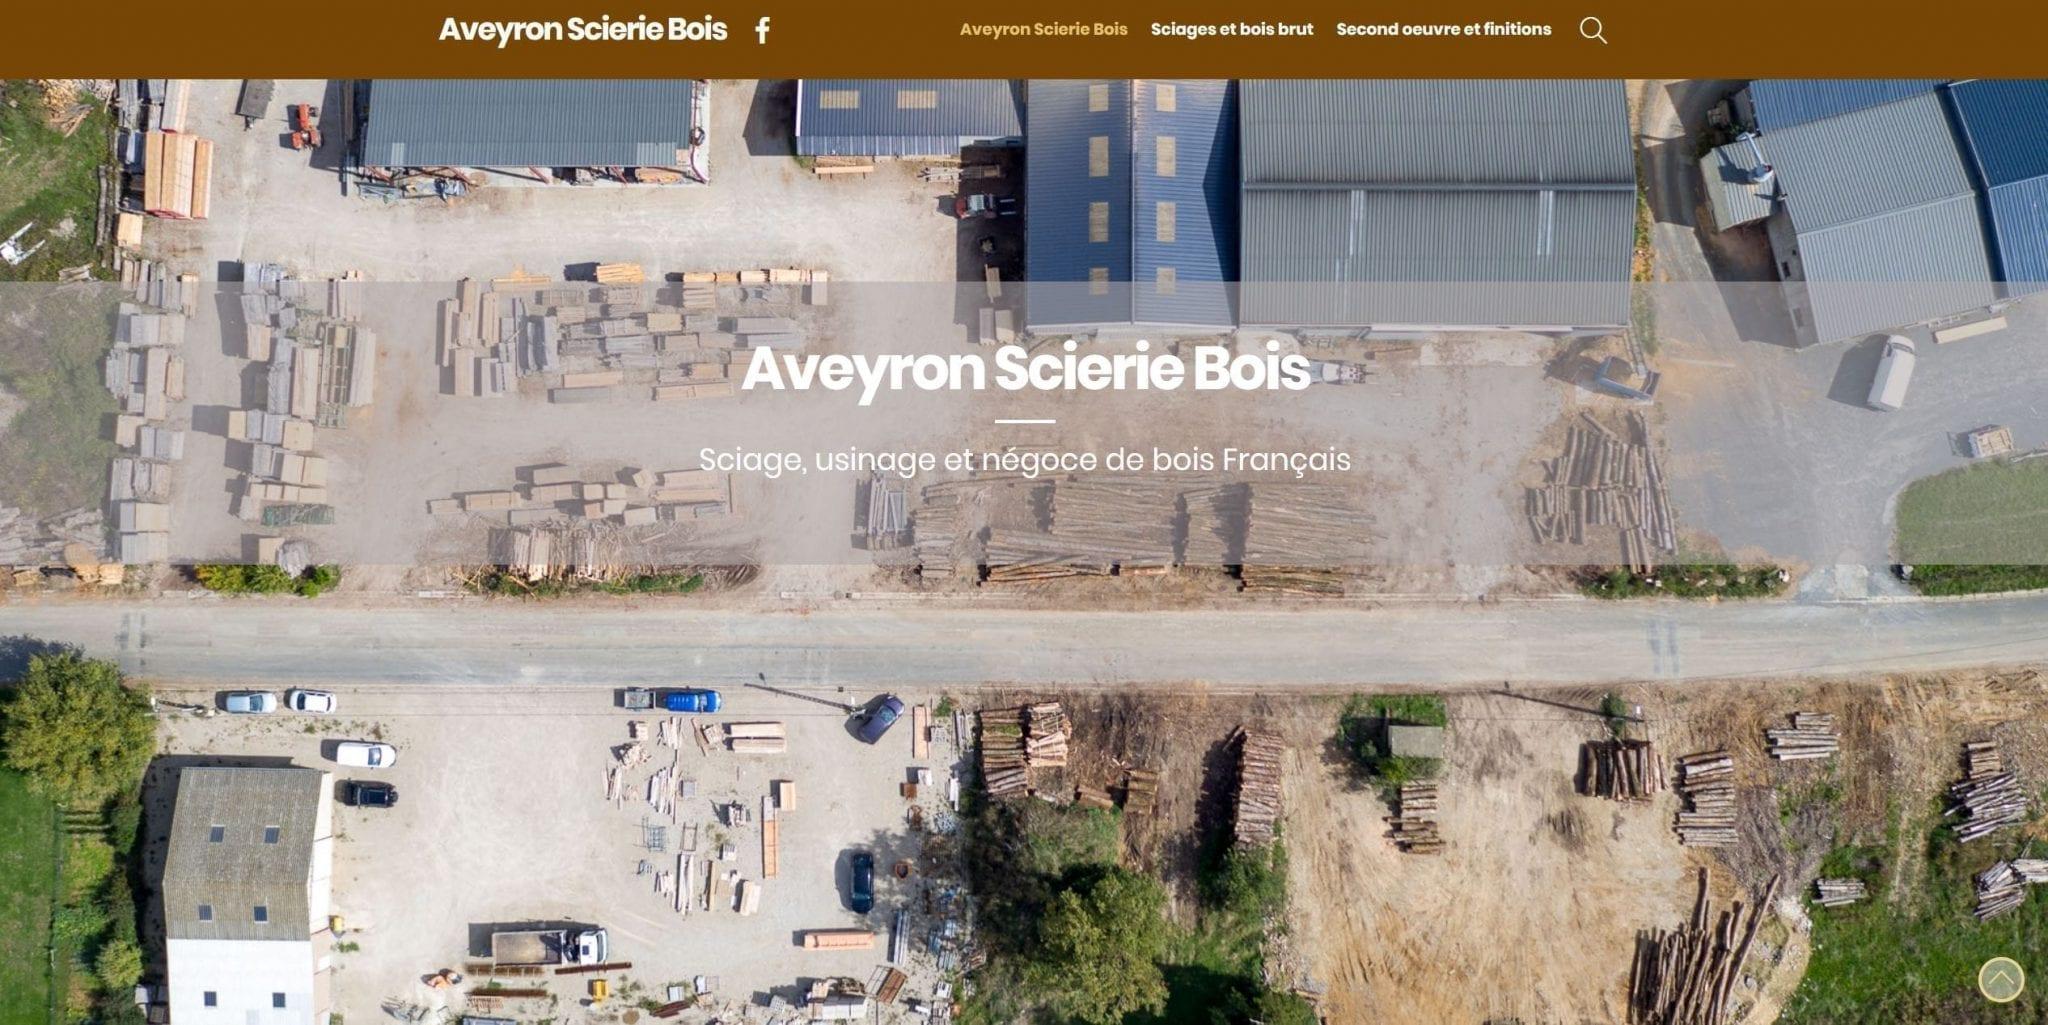 Vue aérienne réalisée pour la création du site de l'entreprise Aveyron Scierie Bois à Naucelle en Aveyron